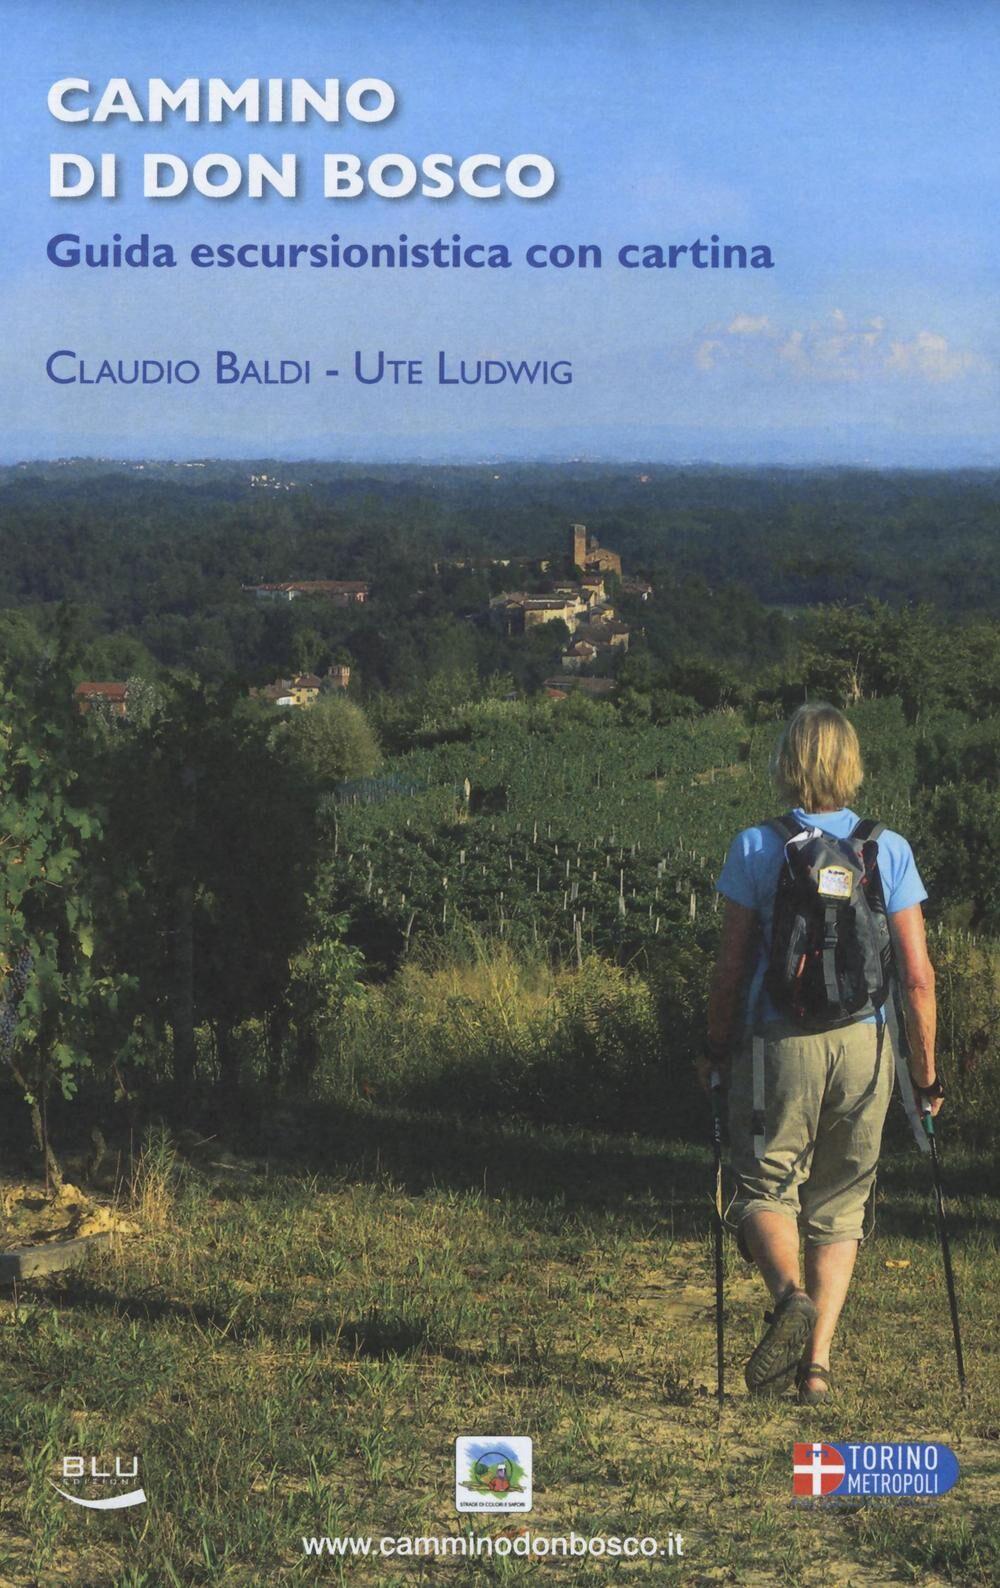 Cammino di Don Bosco. Guida escursionistica. Con cartina